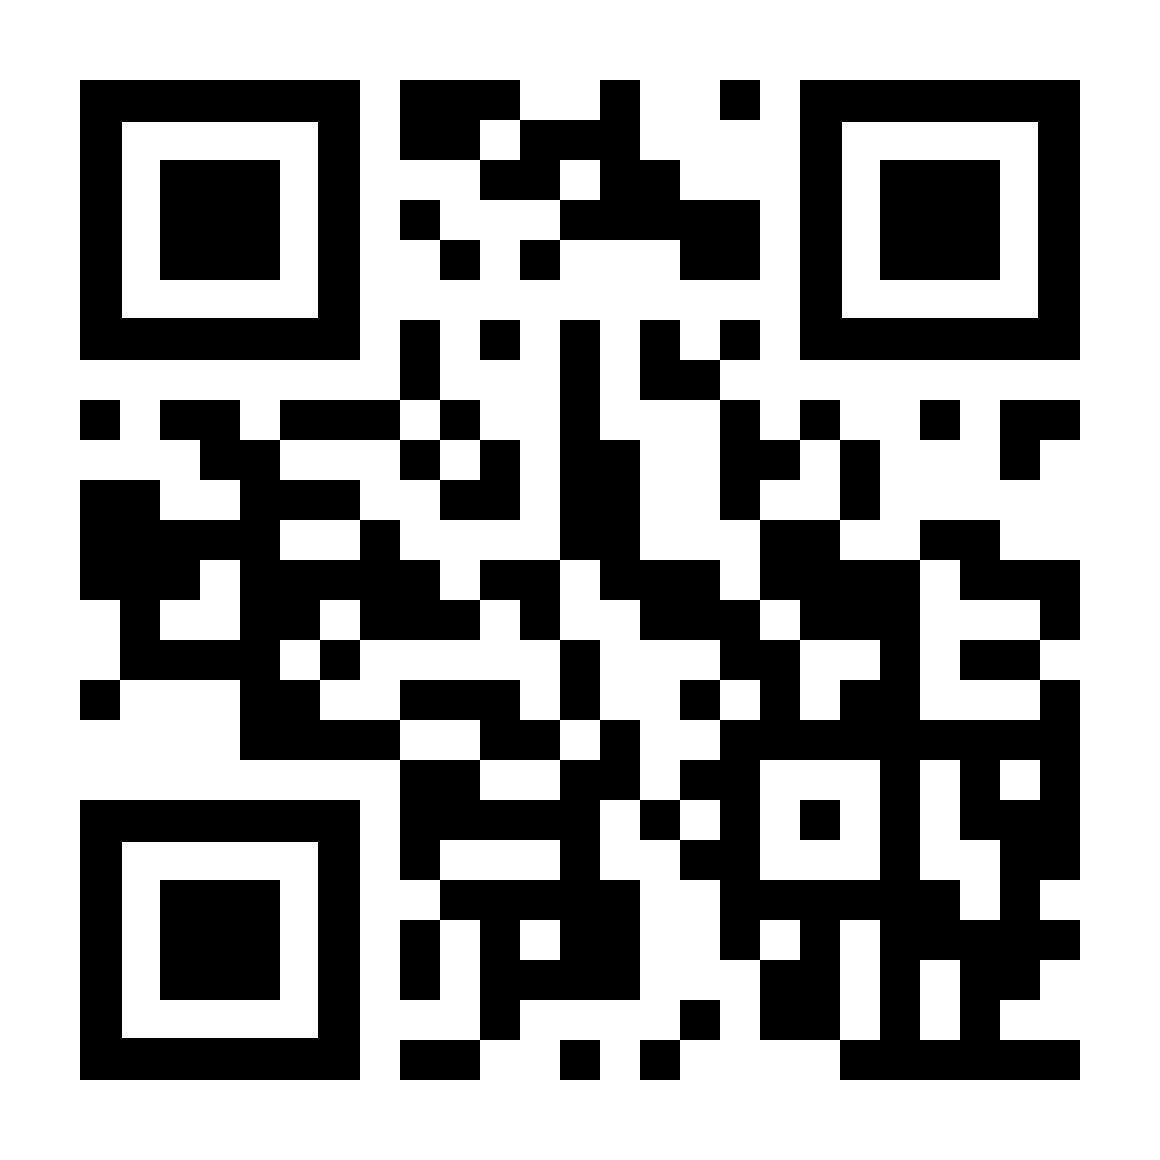 QRcode permet de se rendre sur le site web de spector